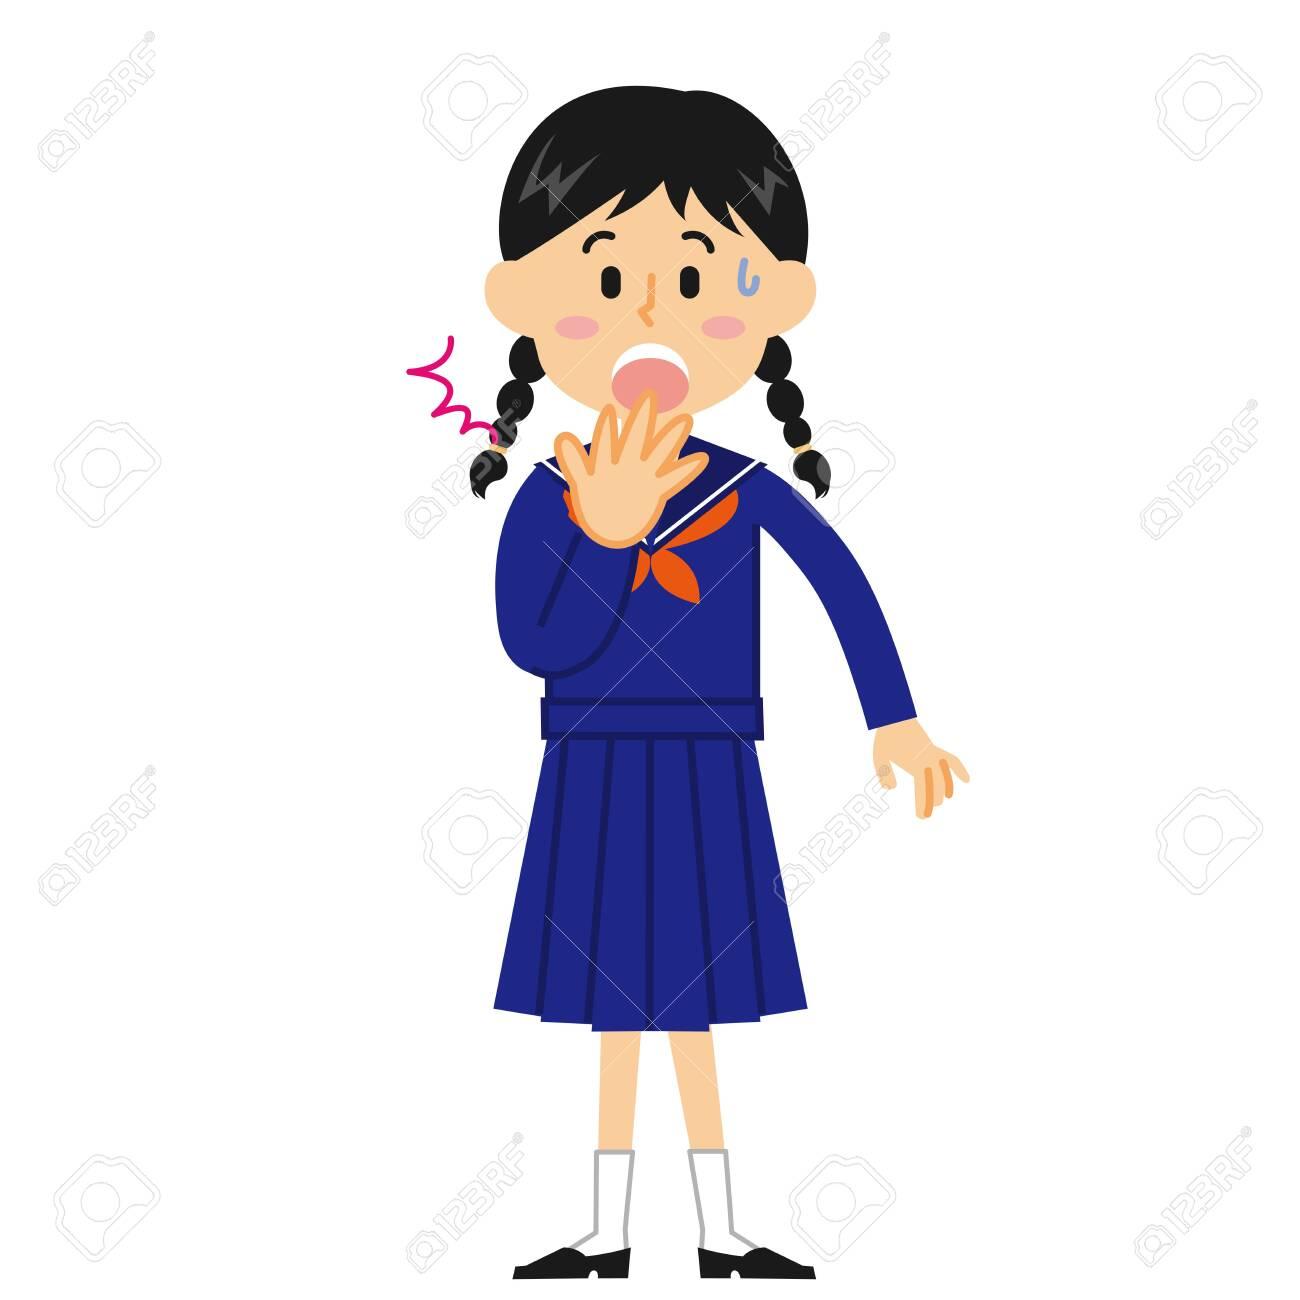 Female Junior High School Student Surprised - 131276064